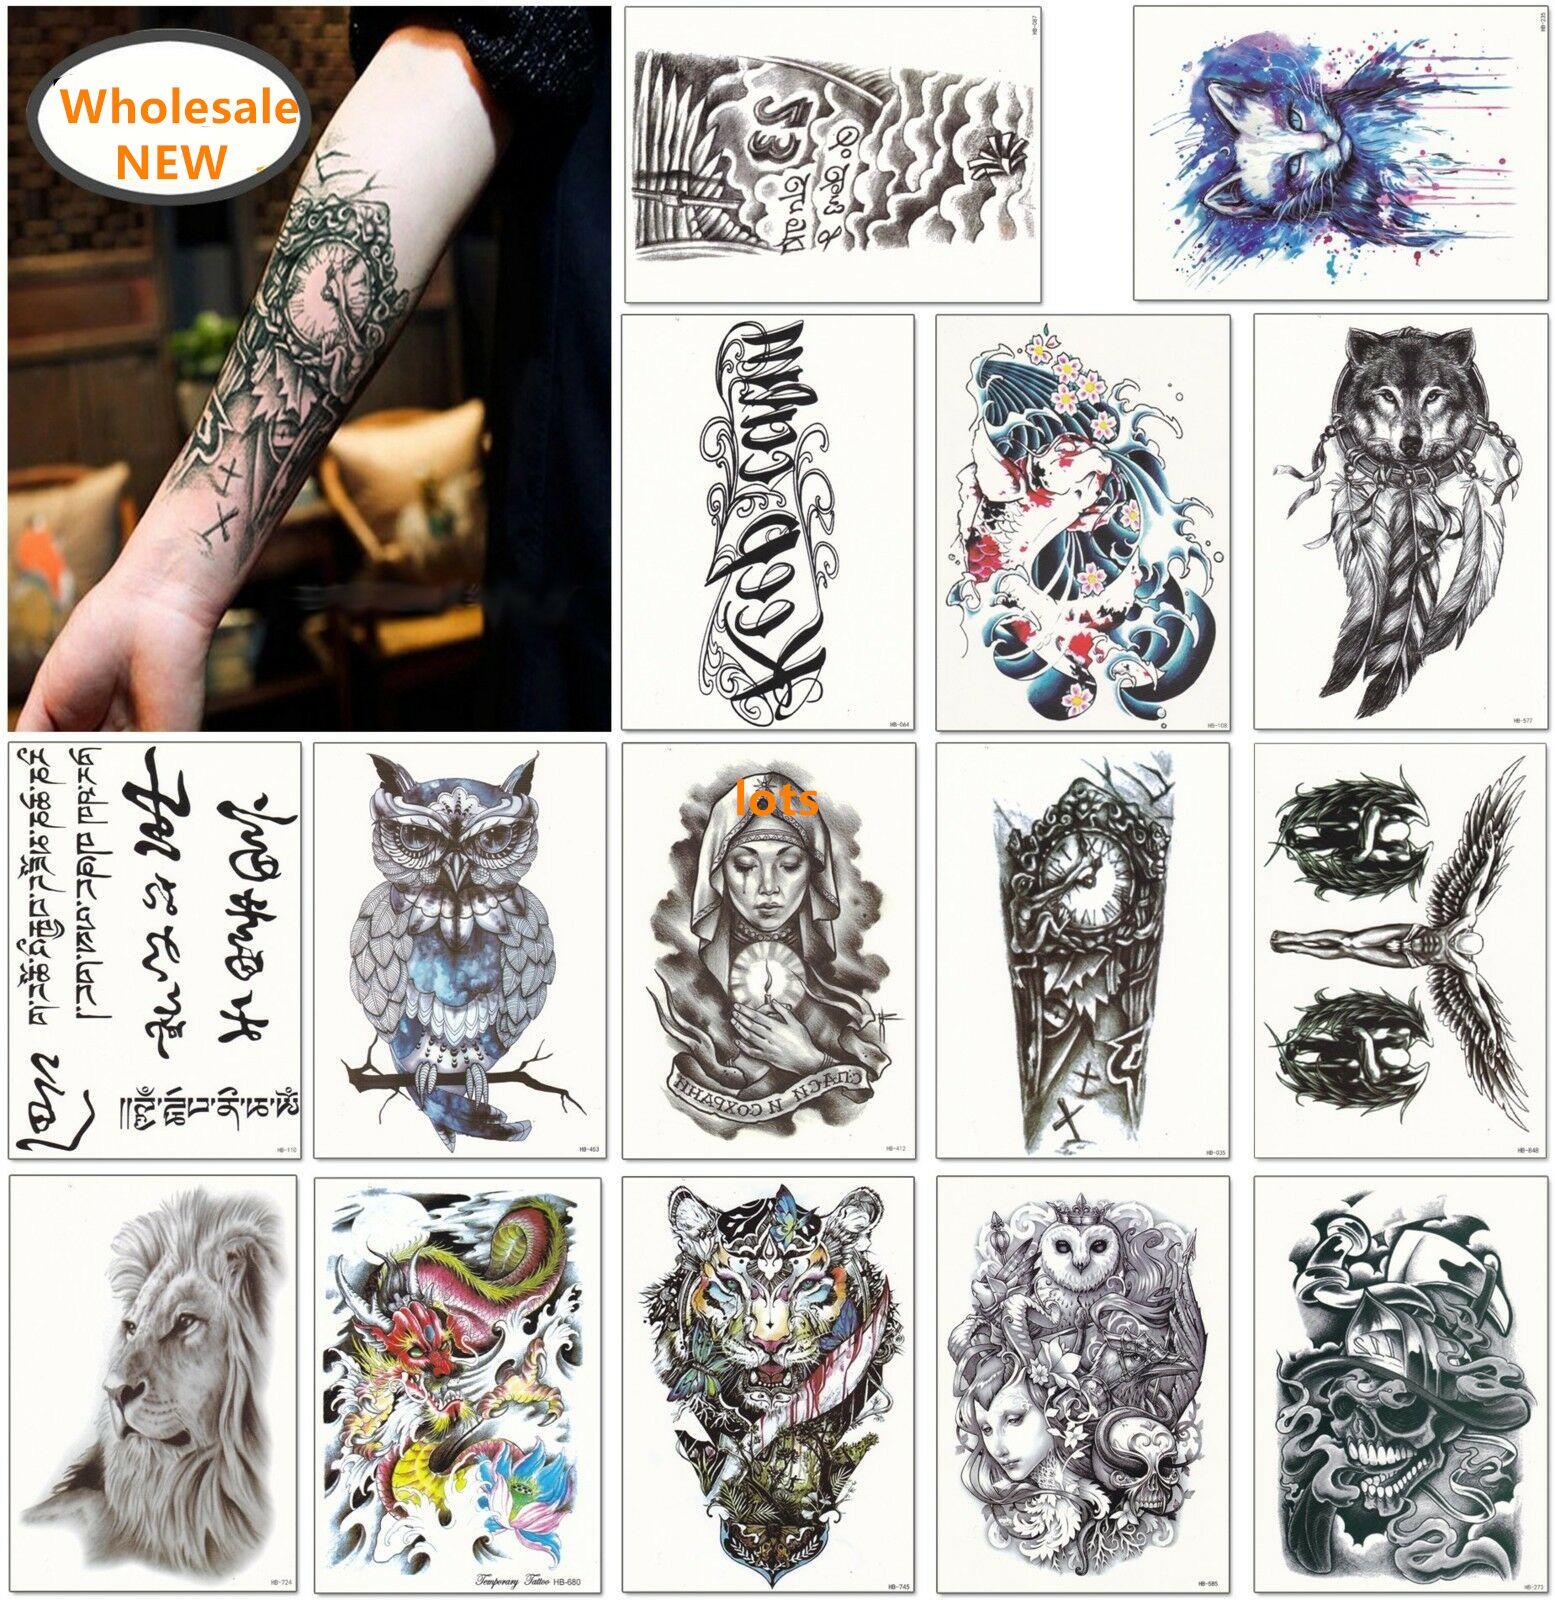 En yeni! 1600 Stilleri Yarım Kollu Dövme Etiket Kol Geçici Dövmeler Su Geçirmez Sticker Rastgele Gönderilmiş Karışık Özelleştirilmiş Dövme Kabul